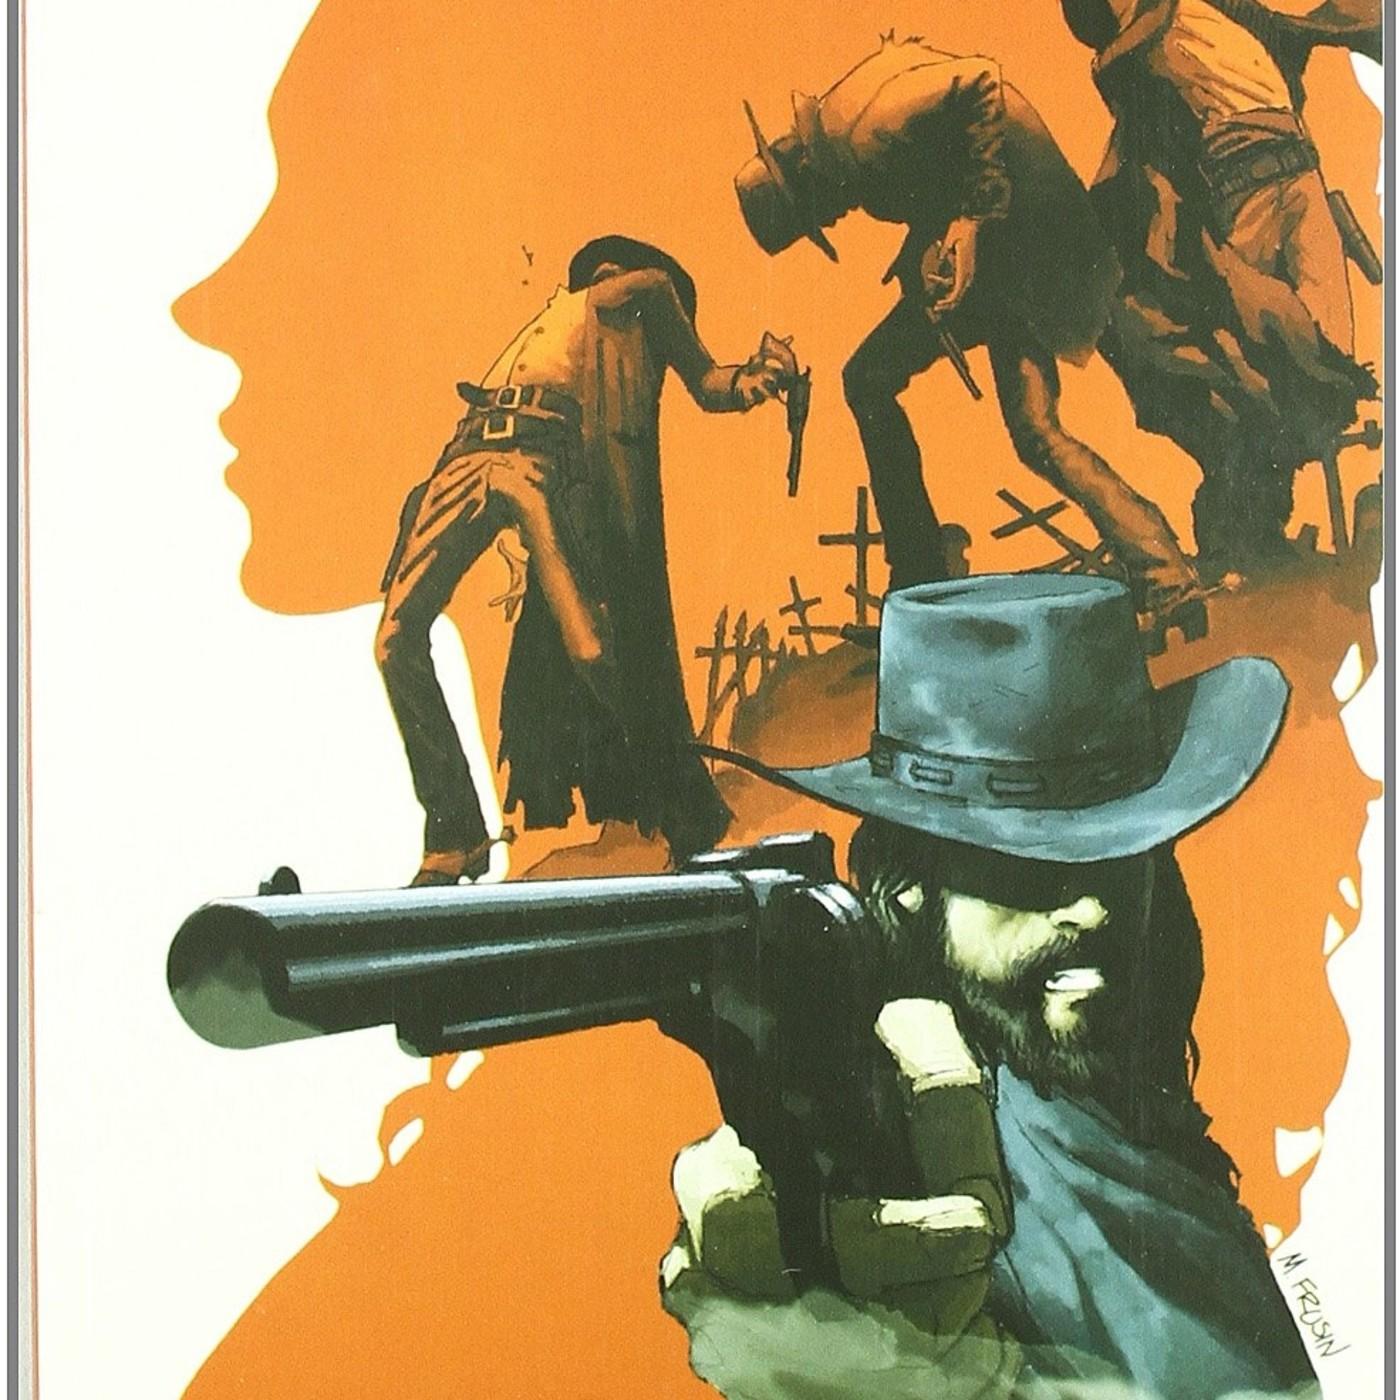 La Casa de EL 141 - Cómics y western